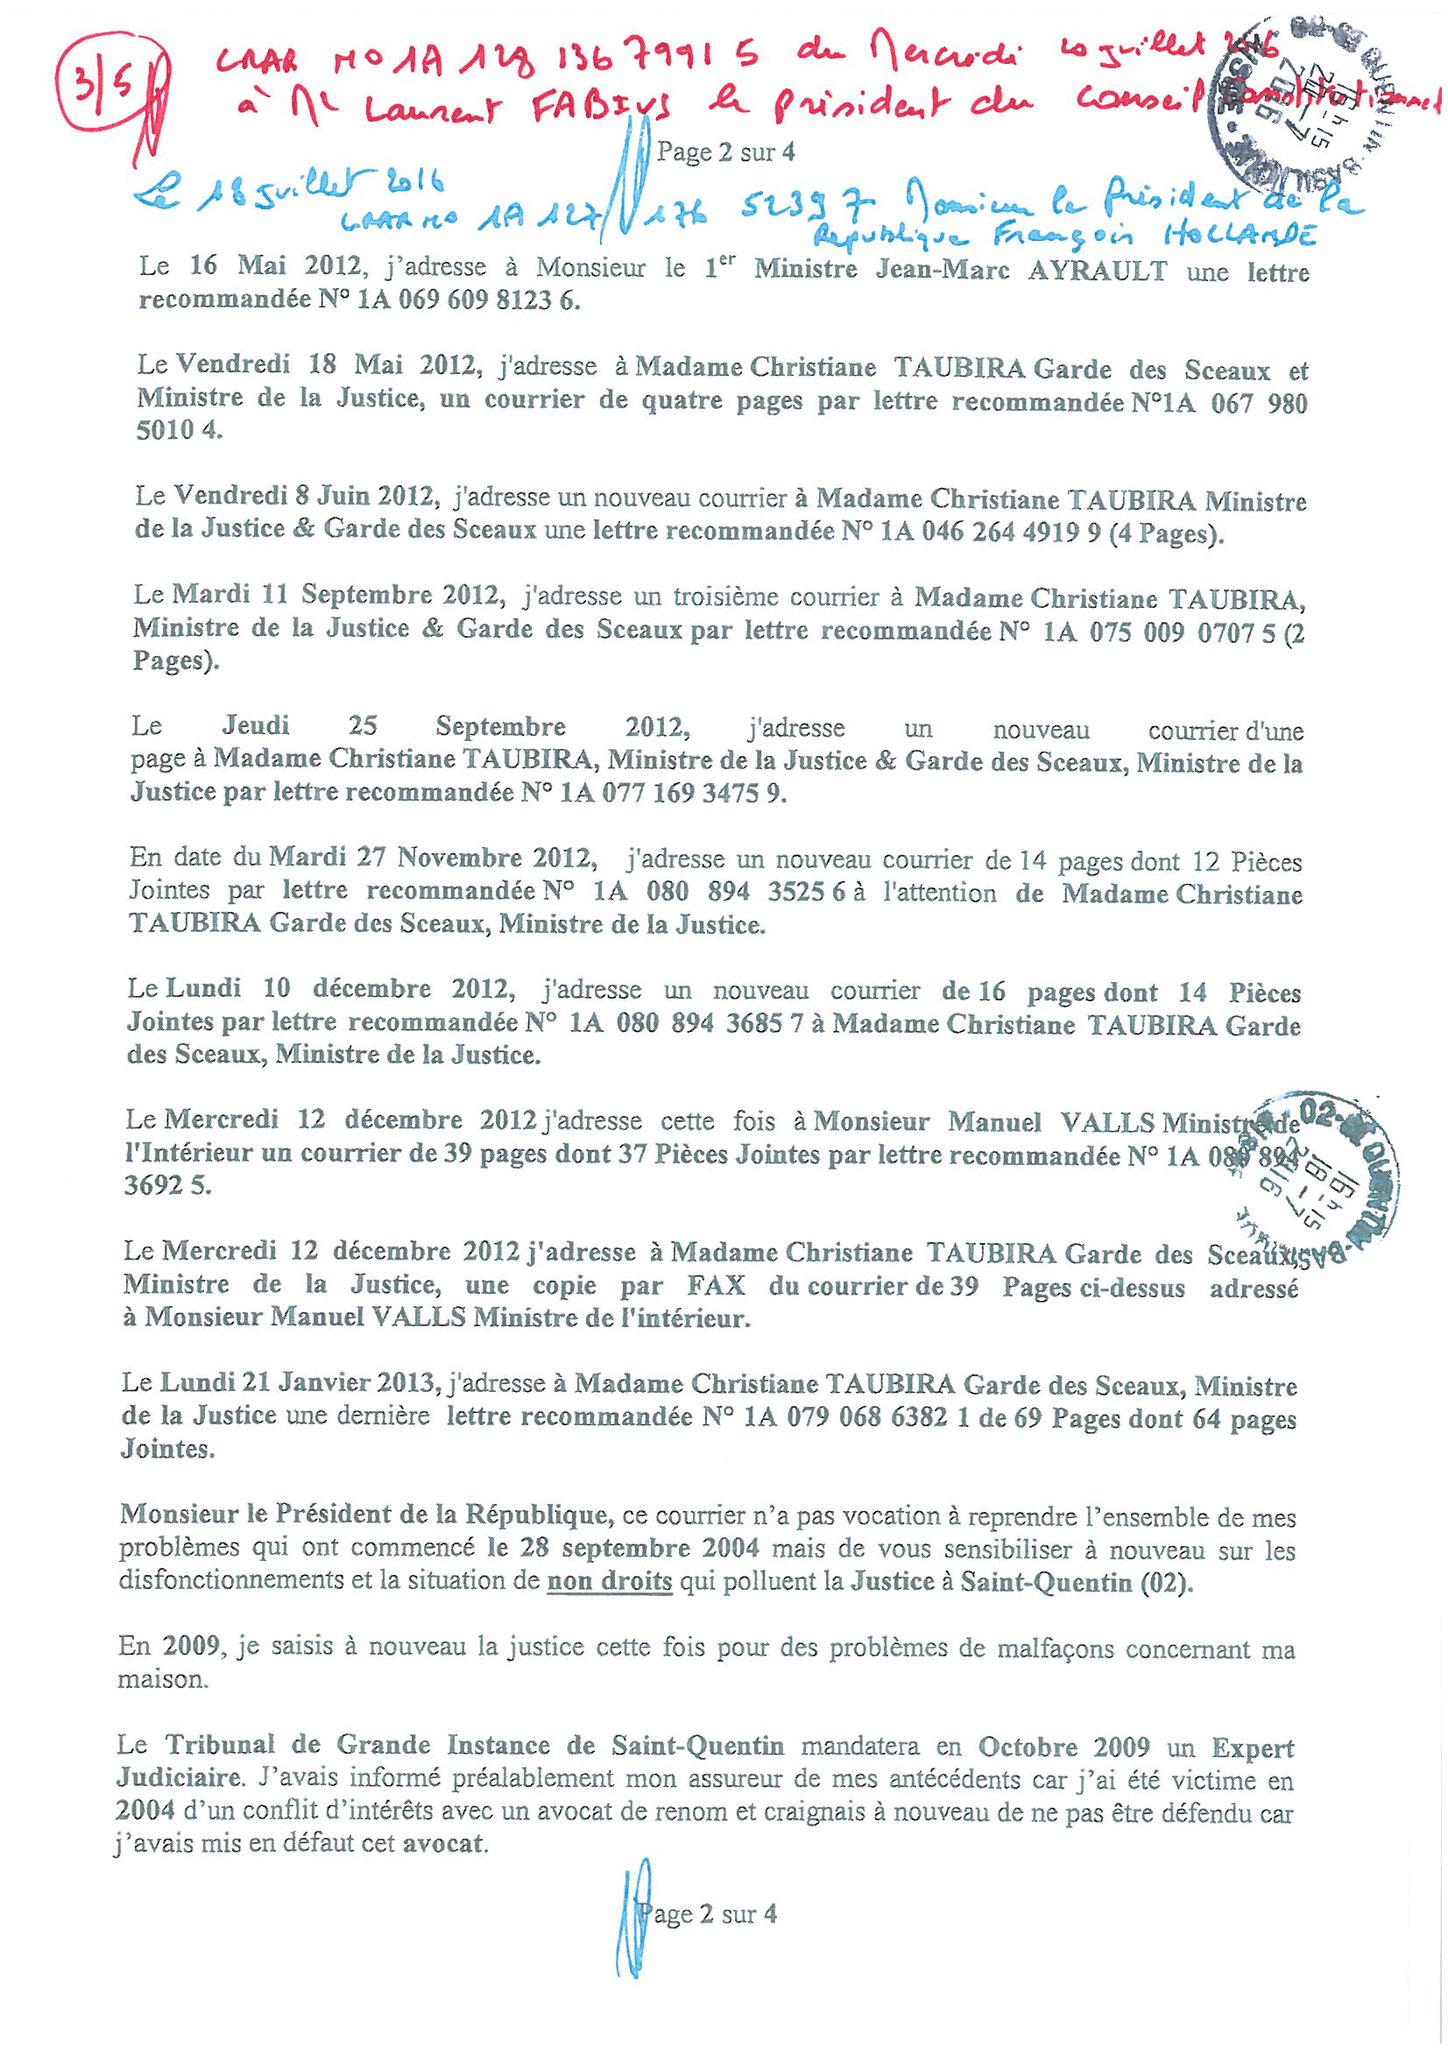 LRAR du 20 Juillet 2016 à Monsieur Laurent FABIUS le Président du Conseil Constitutionnel page 3 à 5 www.maisonnonconforme.fr